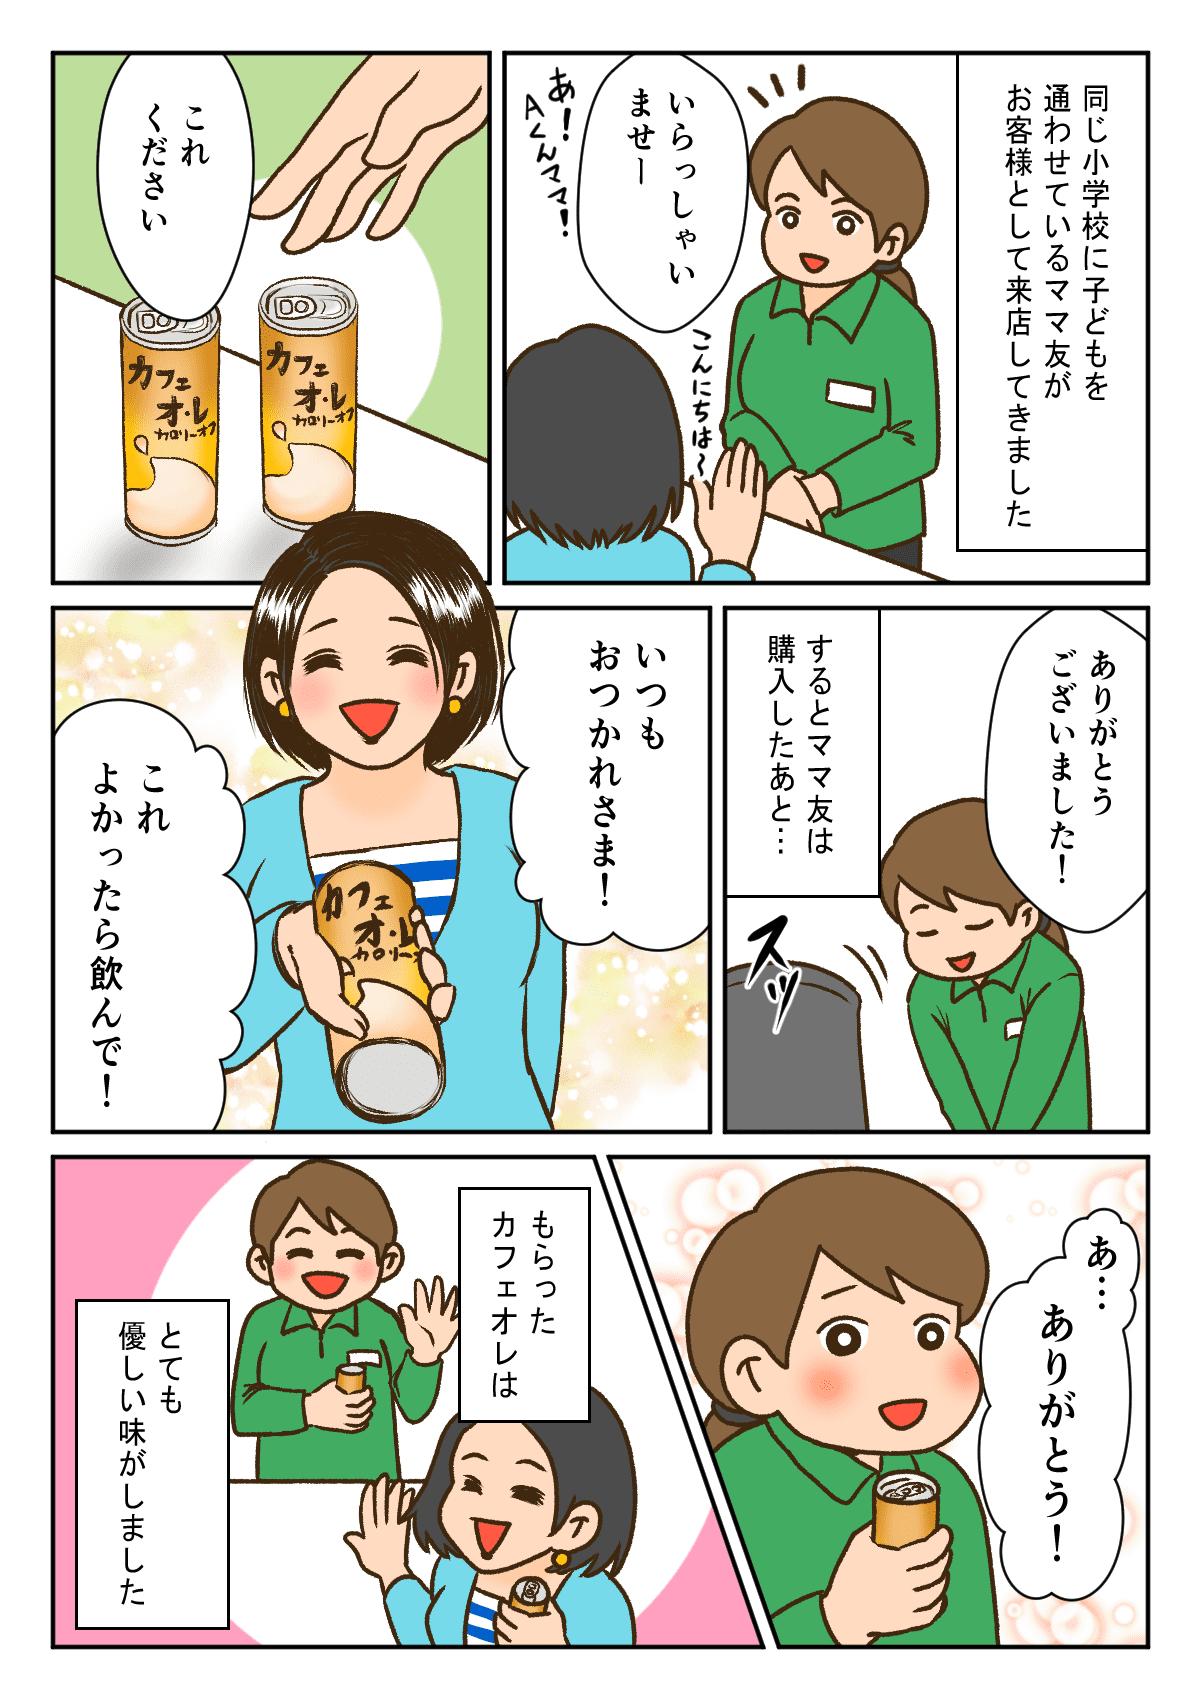 イラスト1 (5)